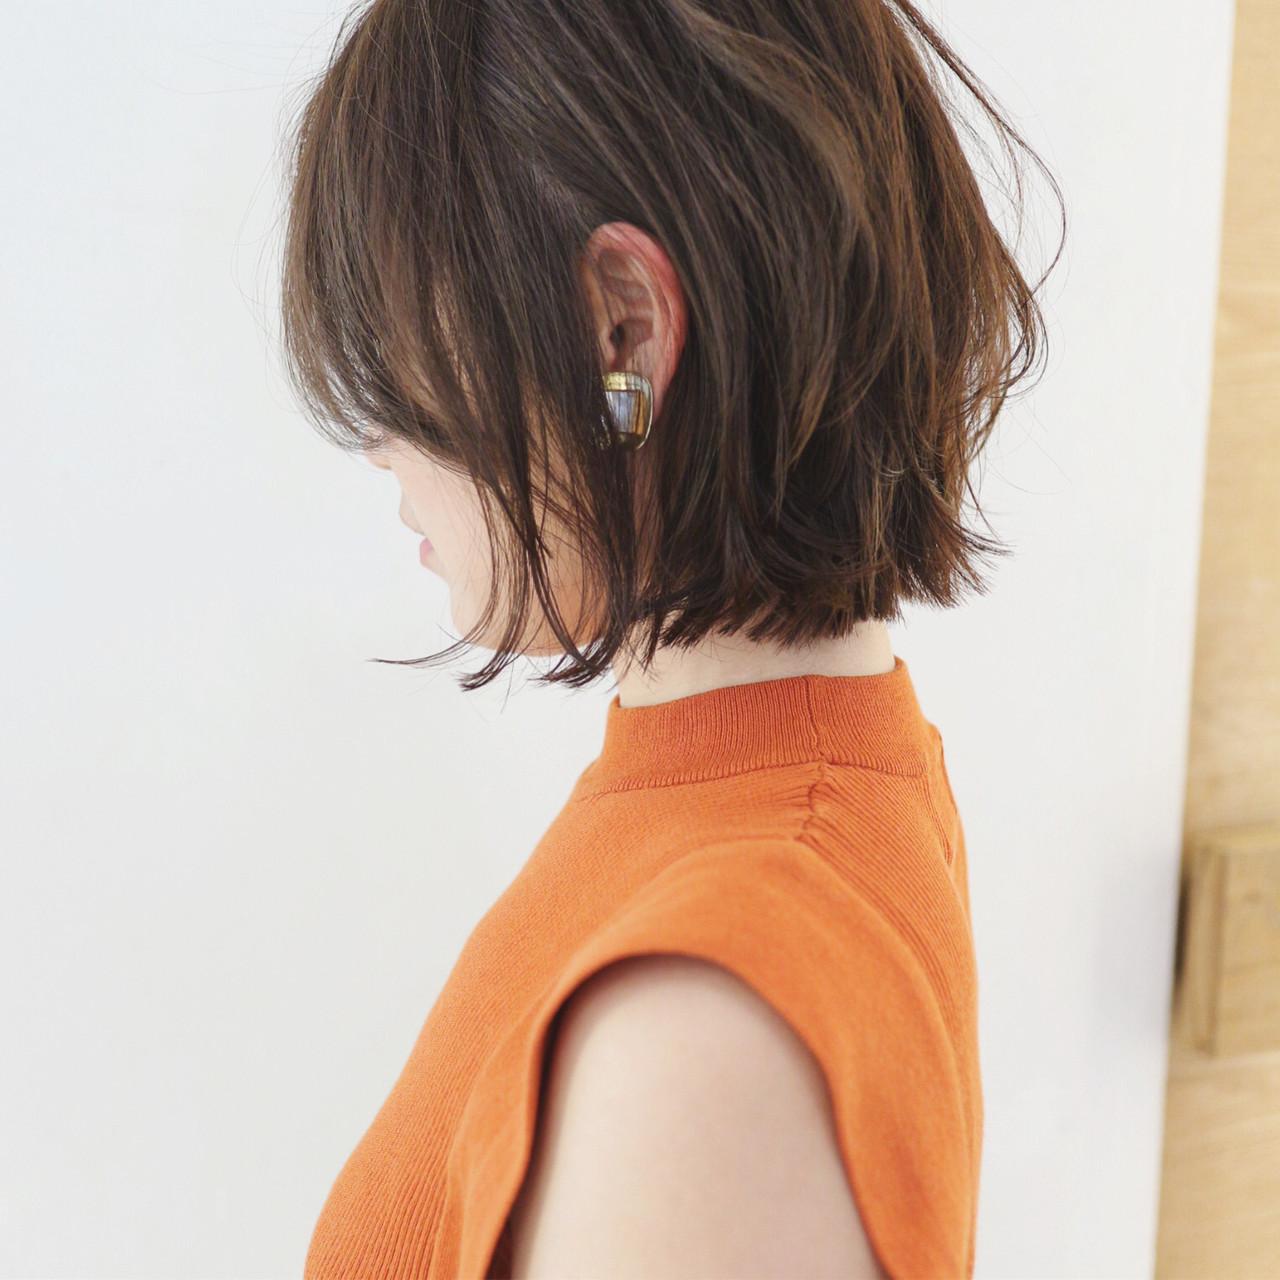 ショートボブ ミニボブ パーマ グラデーションカラー ヘアスタイルや髪型の写真・画像